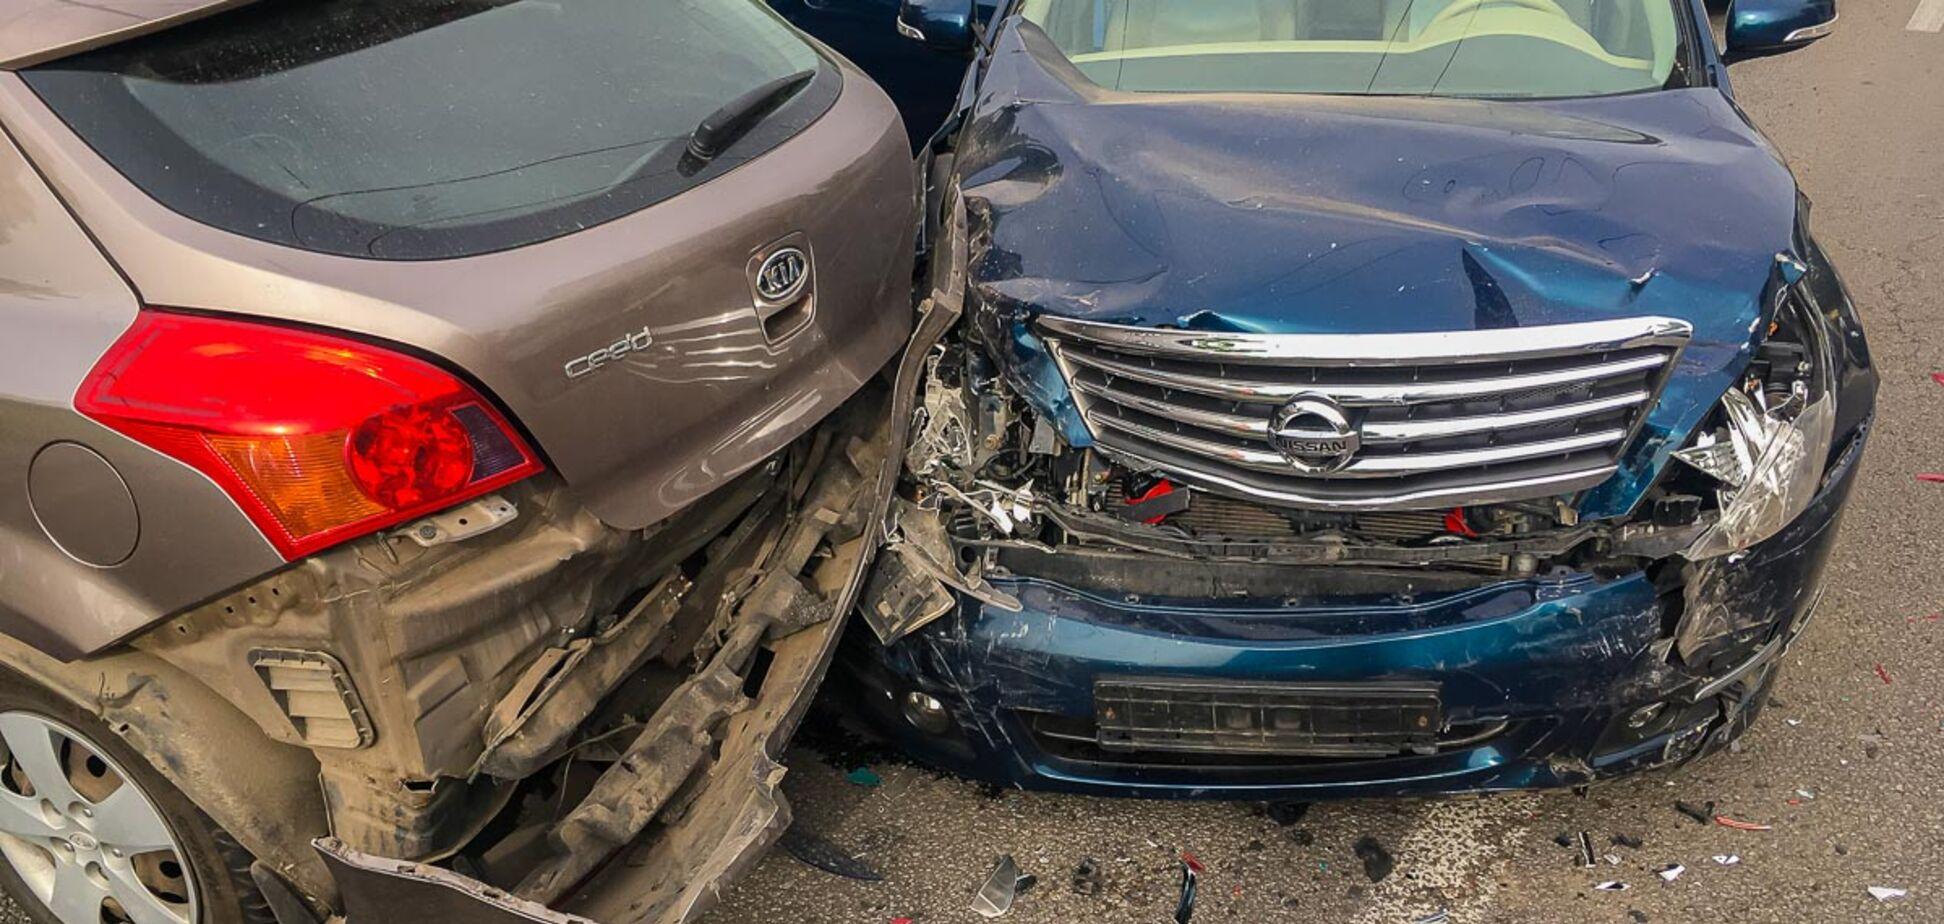 Обидва розбиті вщент: у Дніпрі автомобіль влаштував ДТП і влетів в стовп. Фото